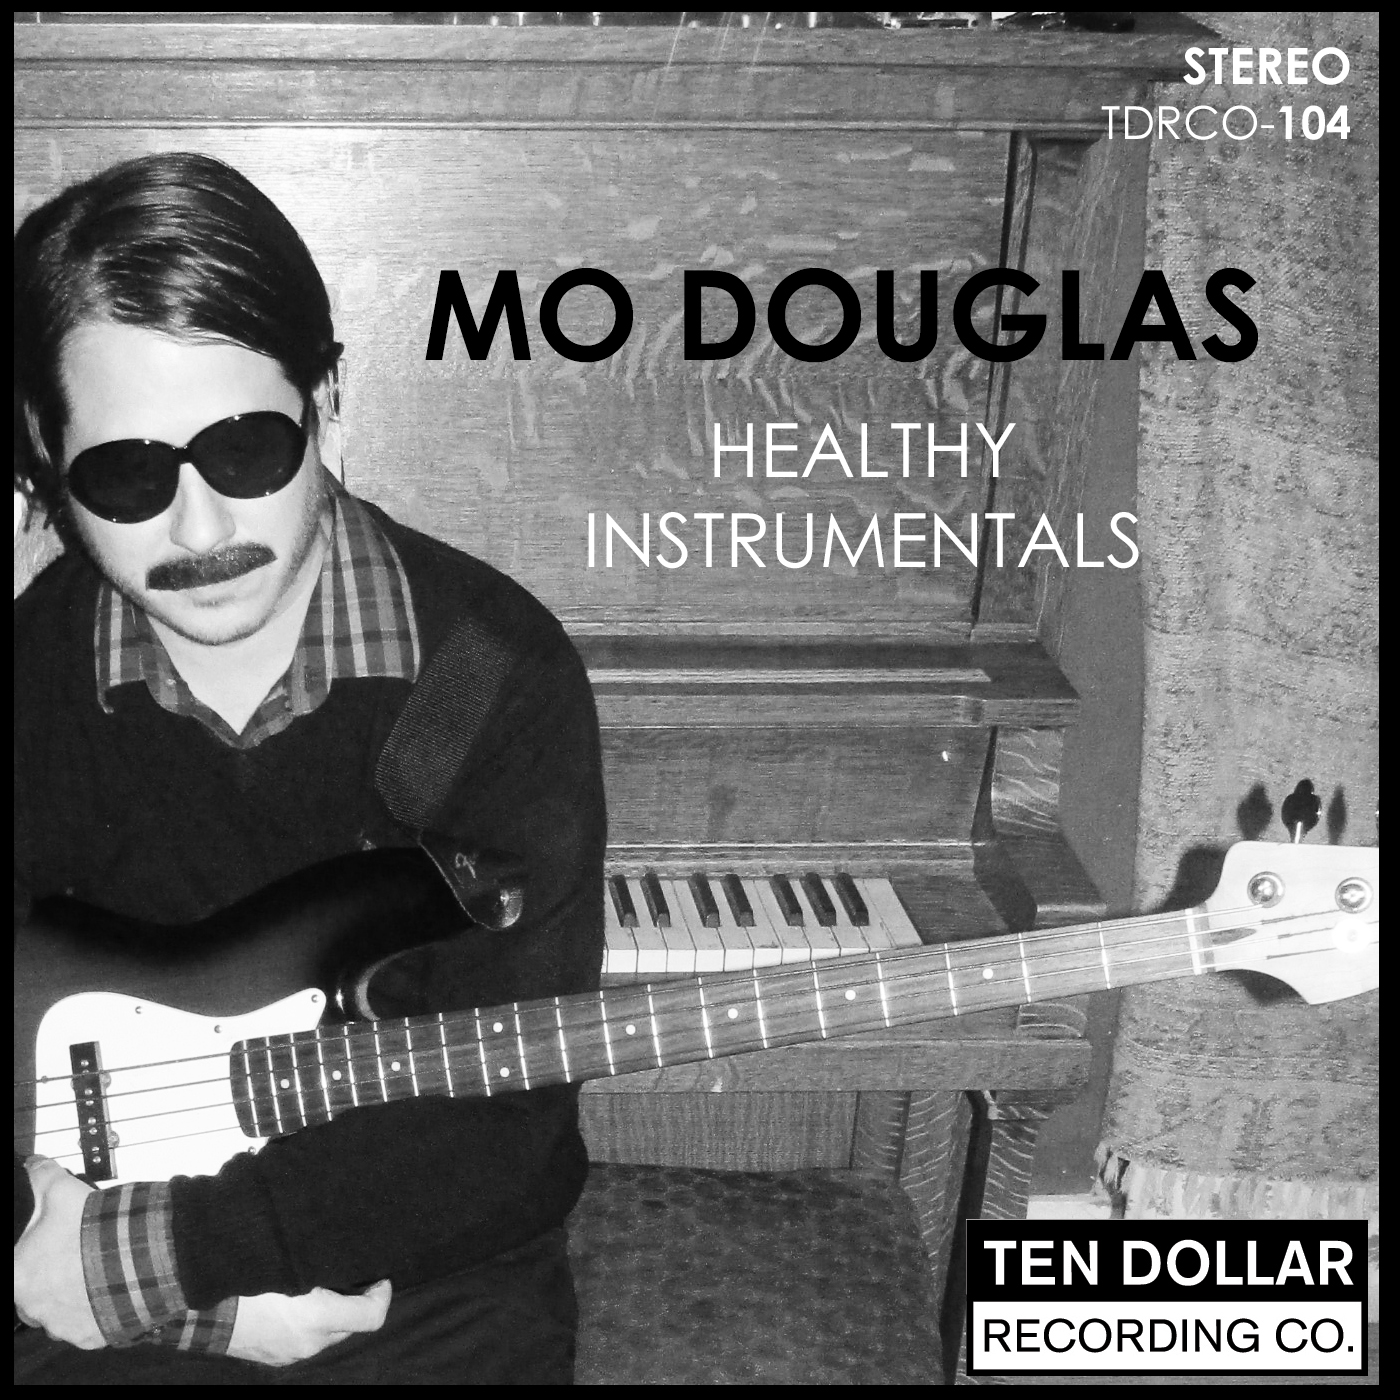 Mo Douglas - Healthy Instrumentals